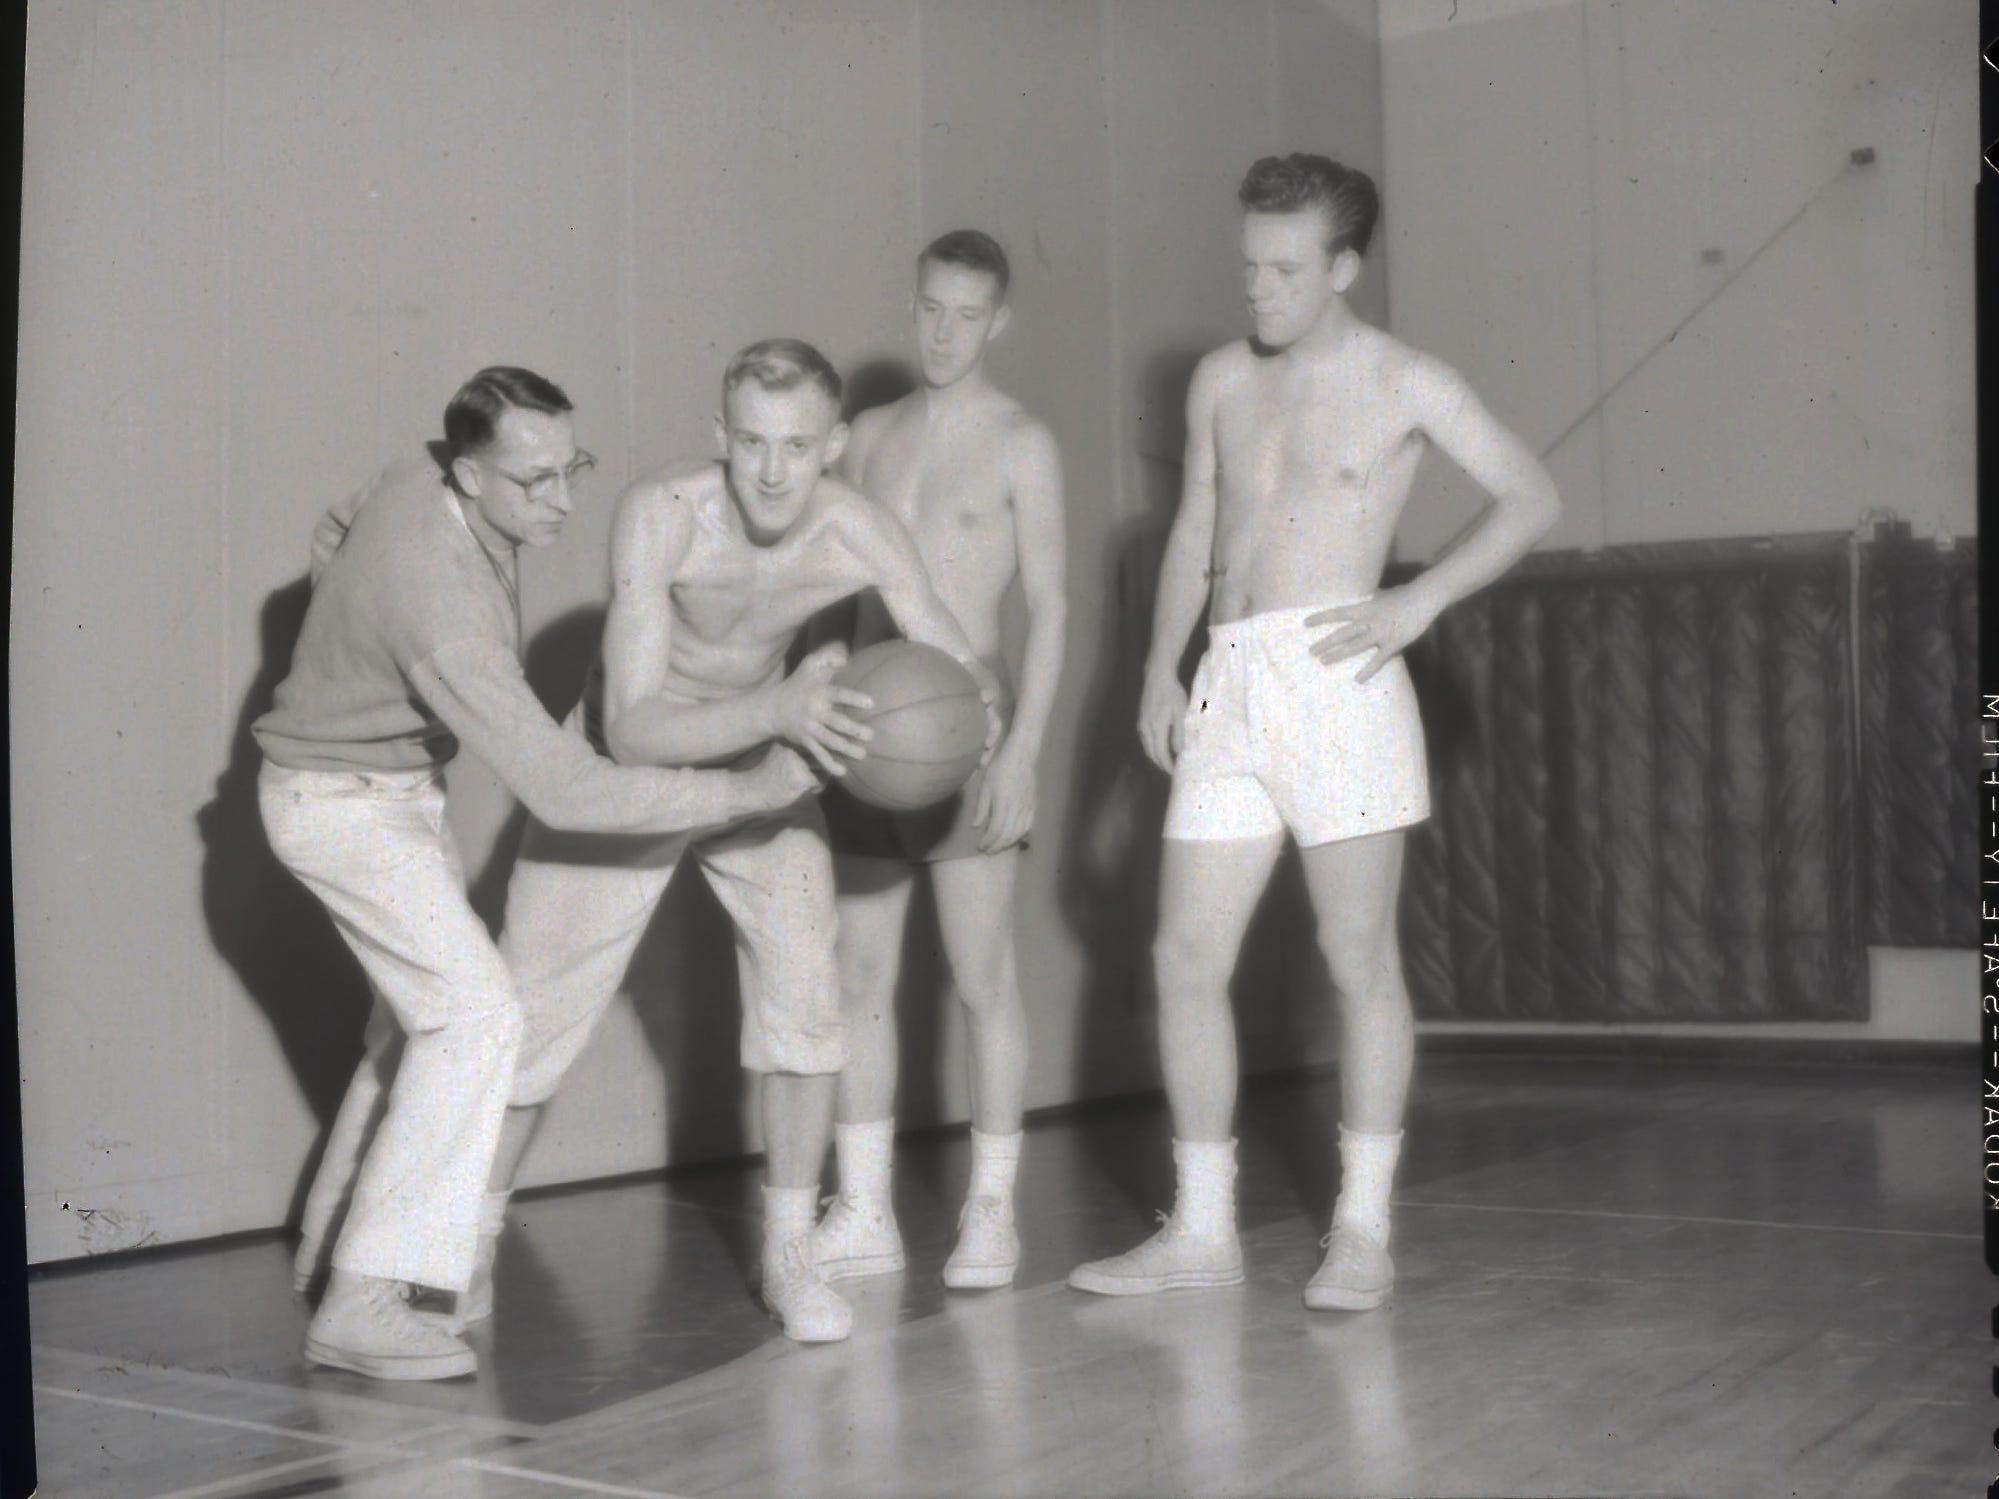 11/15/60Basketball